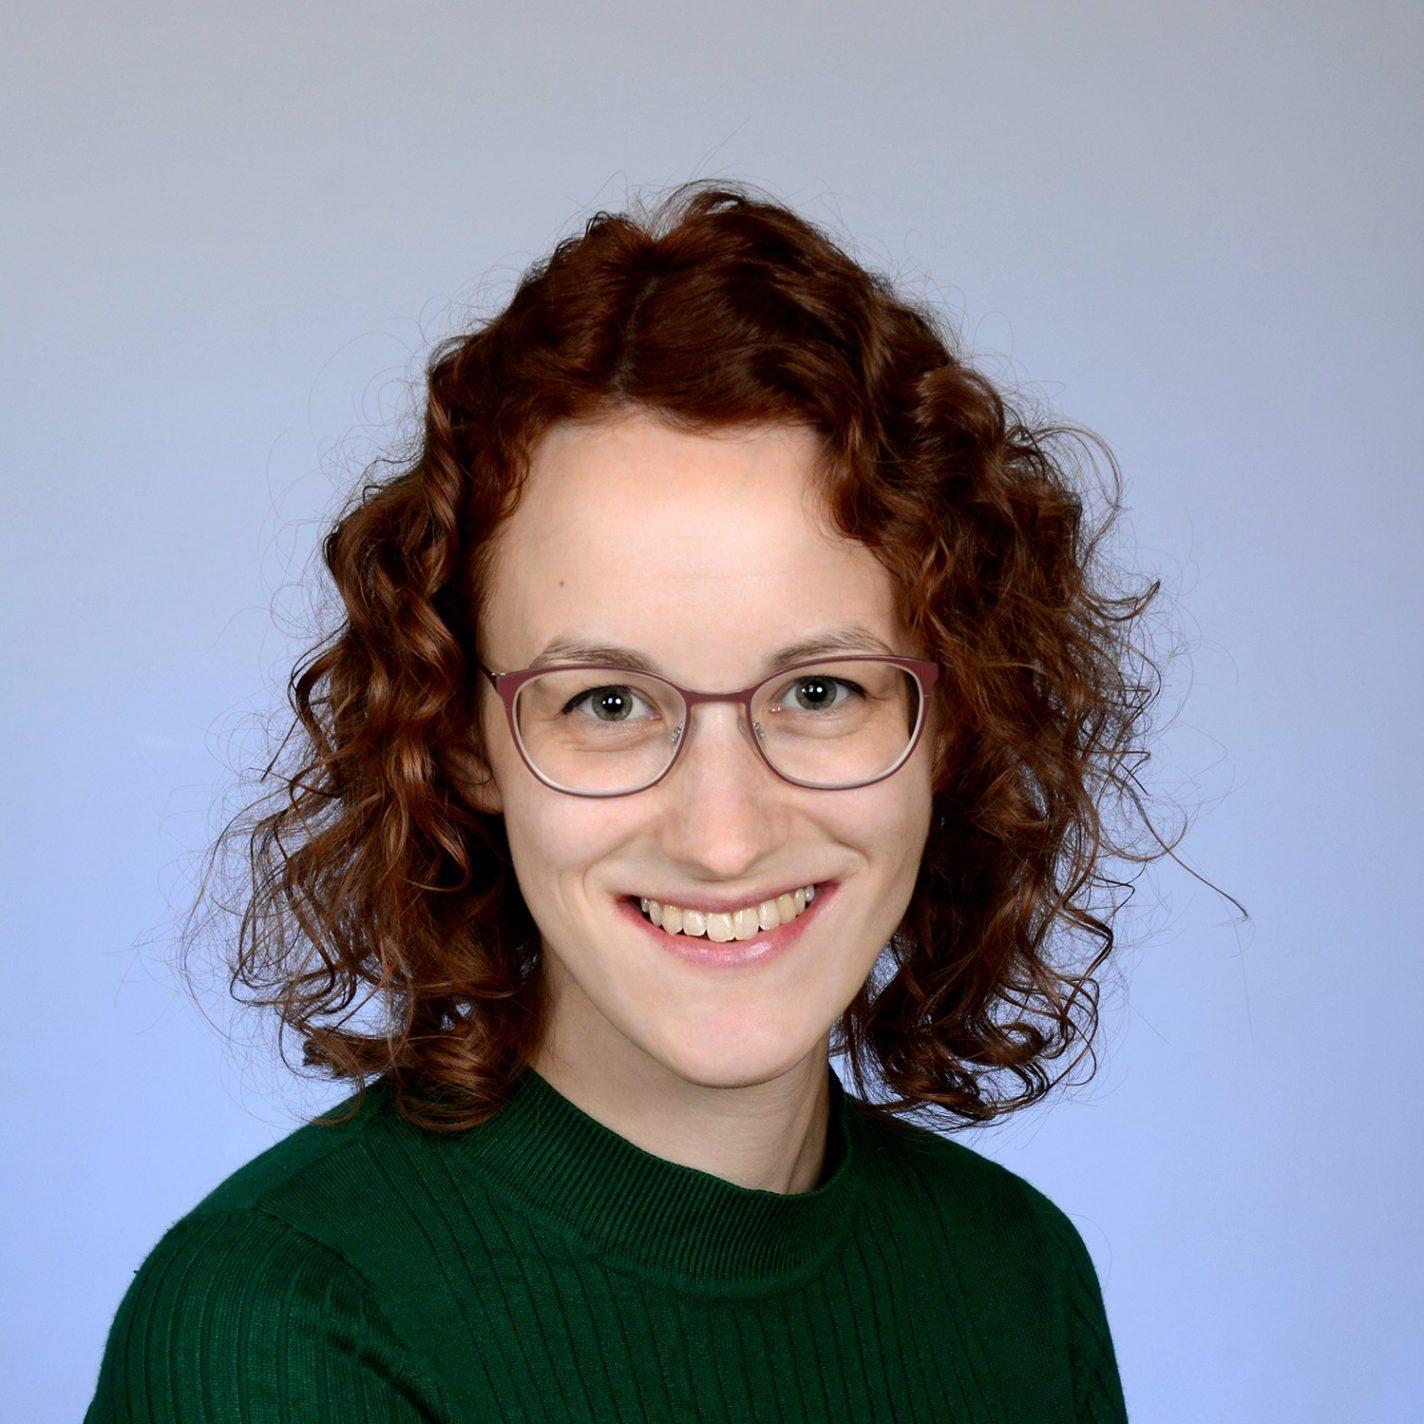 Christina Fischerauer